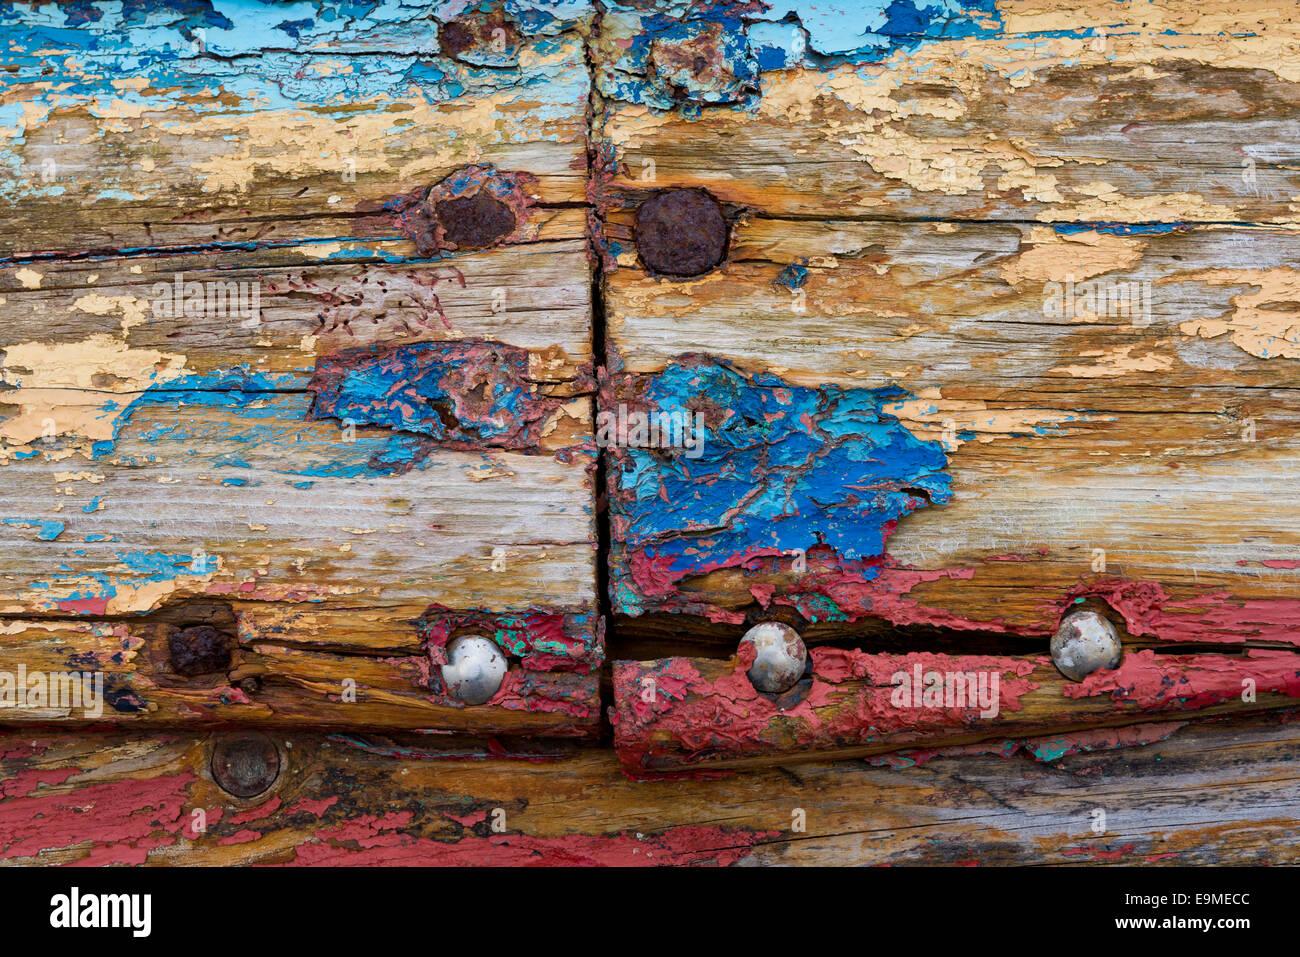 Old Wooden Paint Peeling Off Stockfotos & Old Wooden Paint Peeling ...